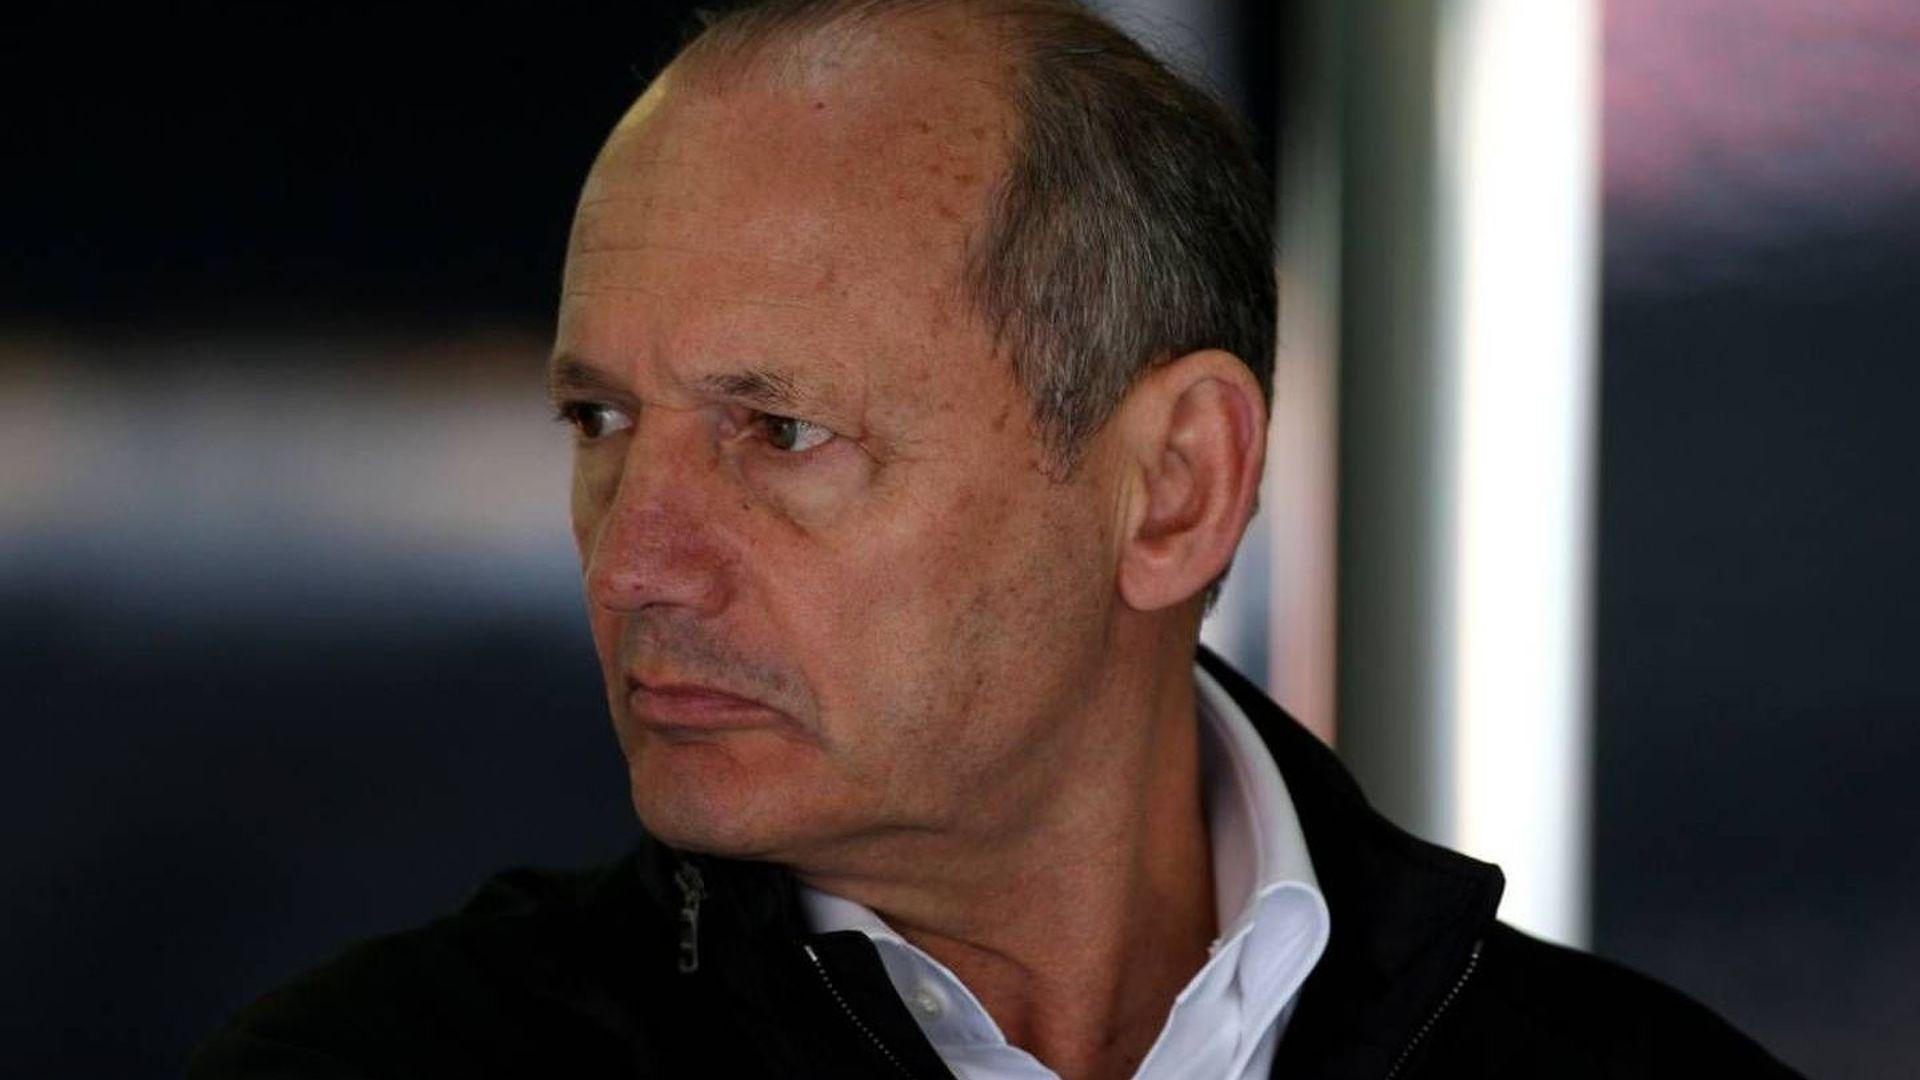 McLaren supremo Dennis returns, Whitmarsh future in doubt